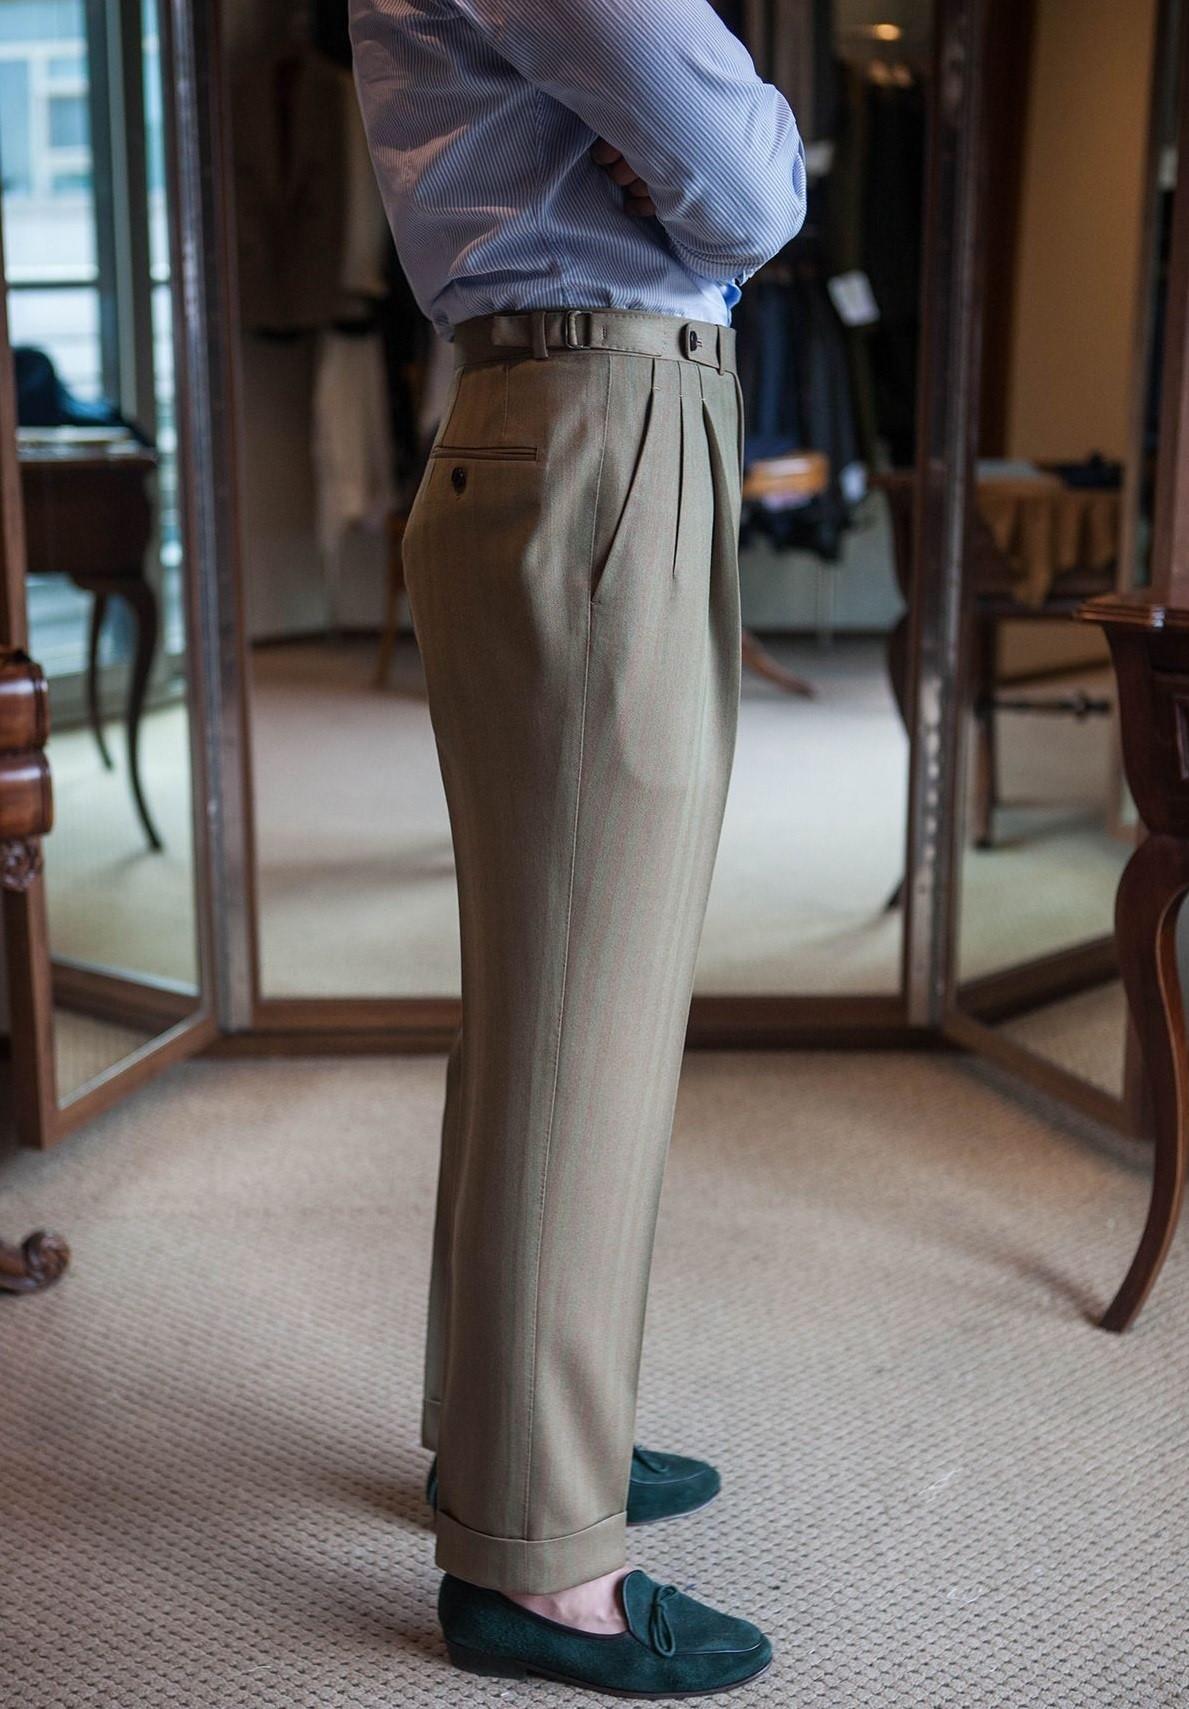 C'est d'un manque de matière dans la zone des fesses que vient souvent le problème : à partir de l'angle des fessiers le pantalon doit partir en ligne continue vers le bas. Les coupes slim sont plus serrées à la fois sur le haut de la cuisse (la base des fesses) et le tour de fesses en lui-même.